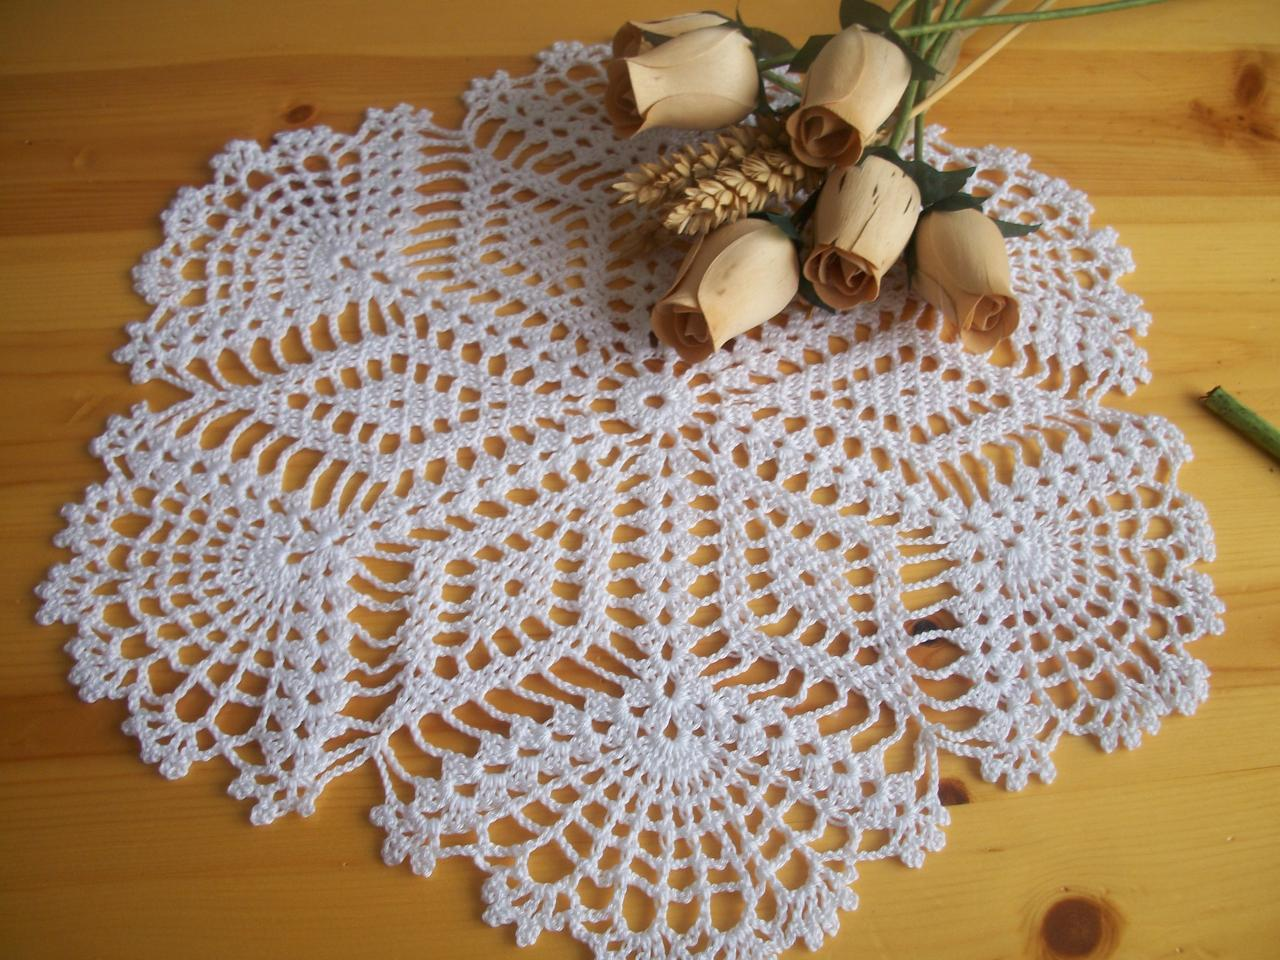 Le crochet des8jika napperon rond au crochet - Napperon crochet grille gratuite ...